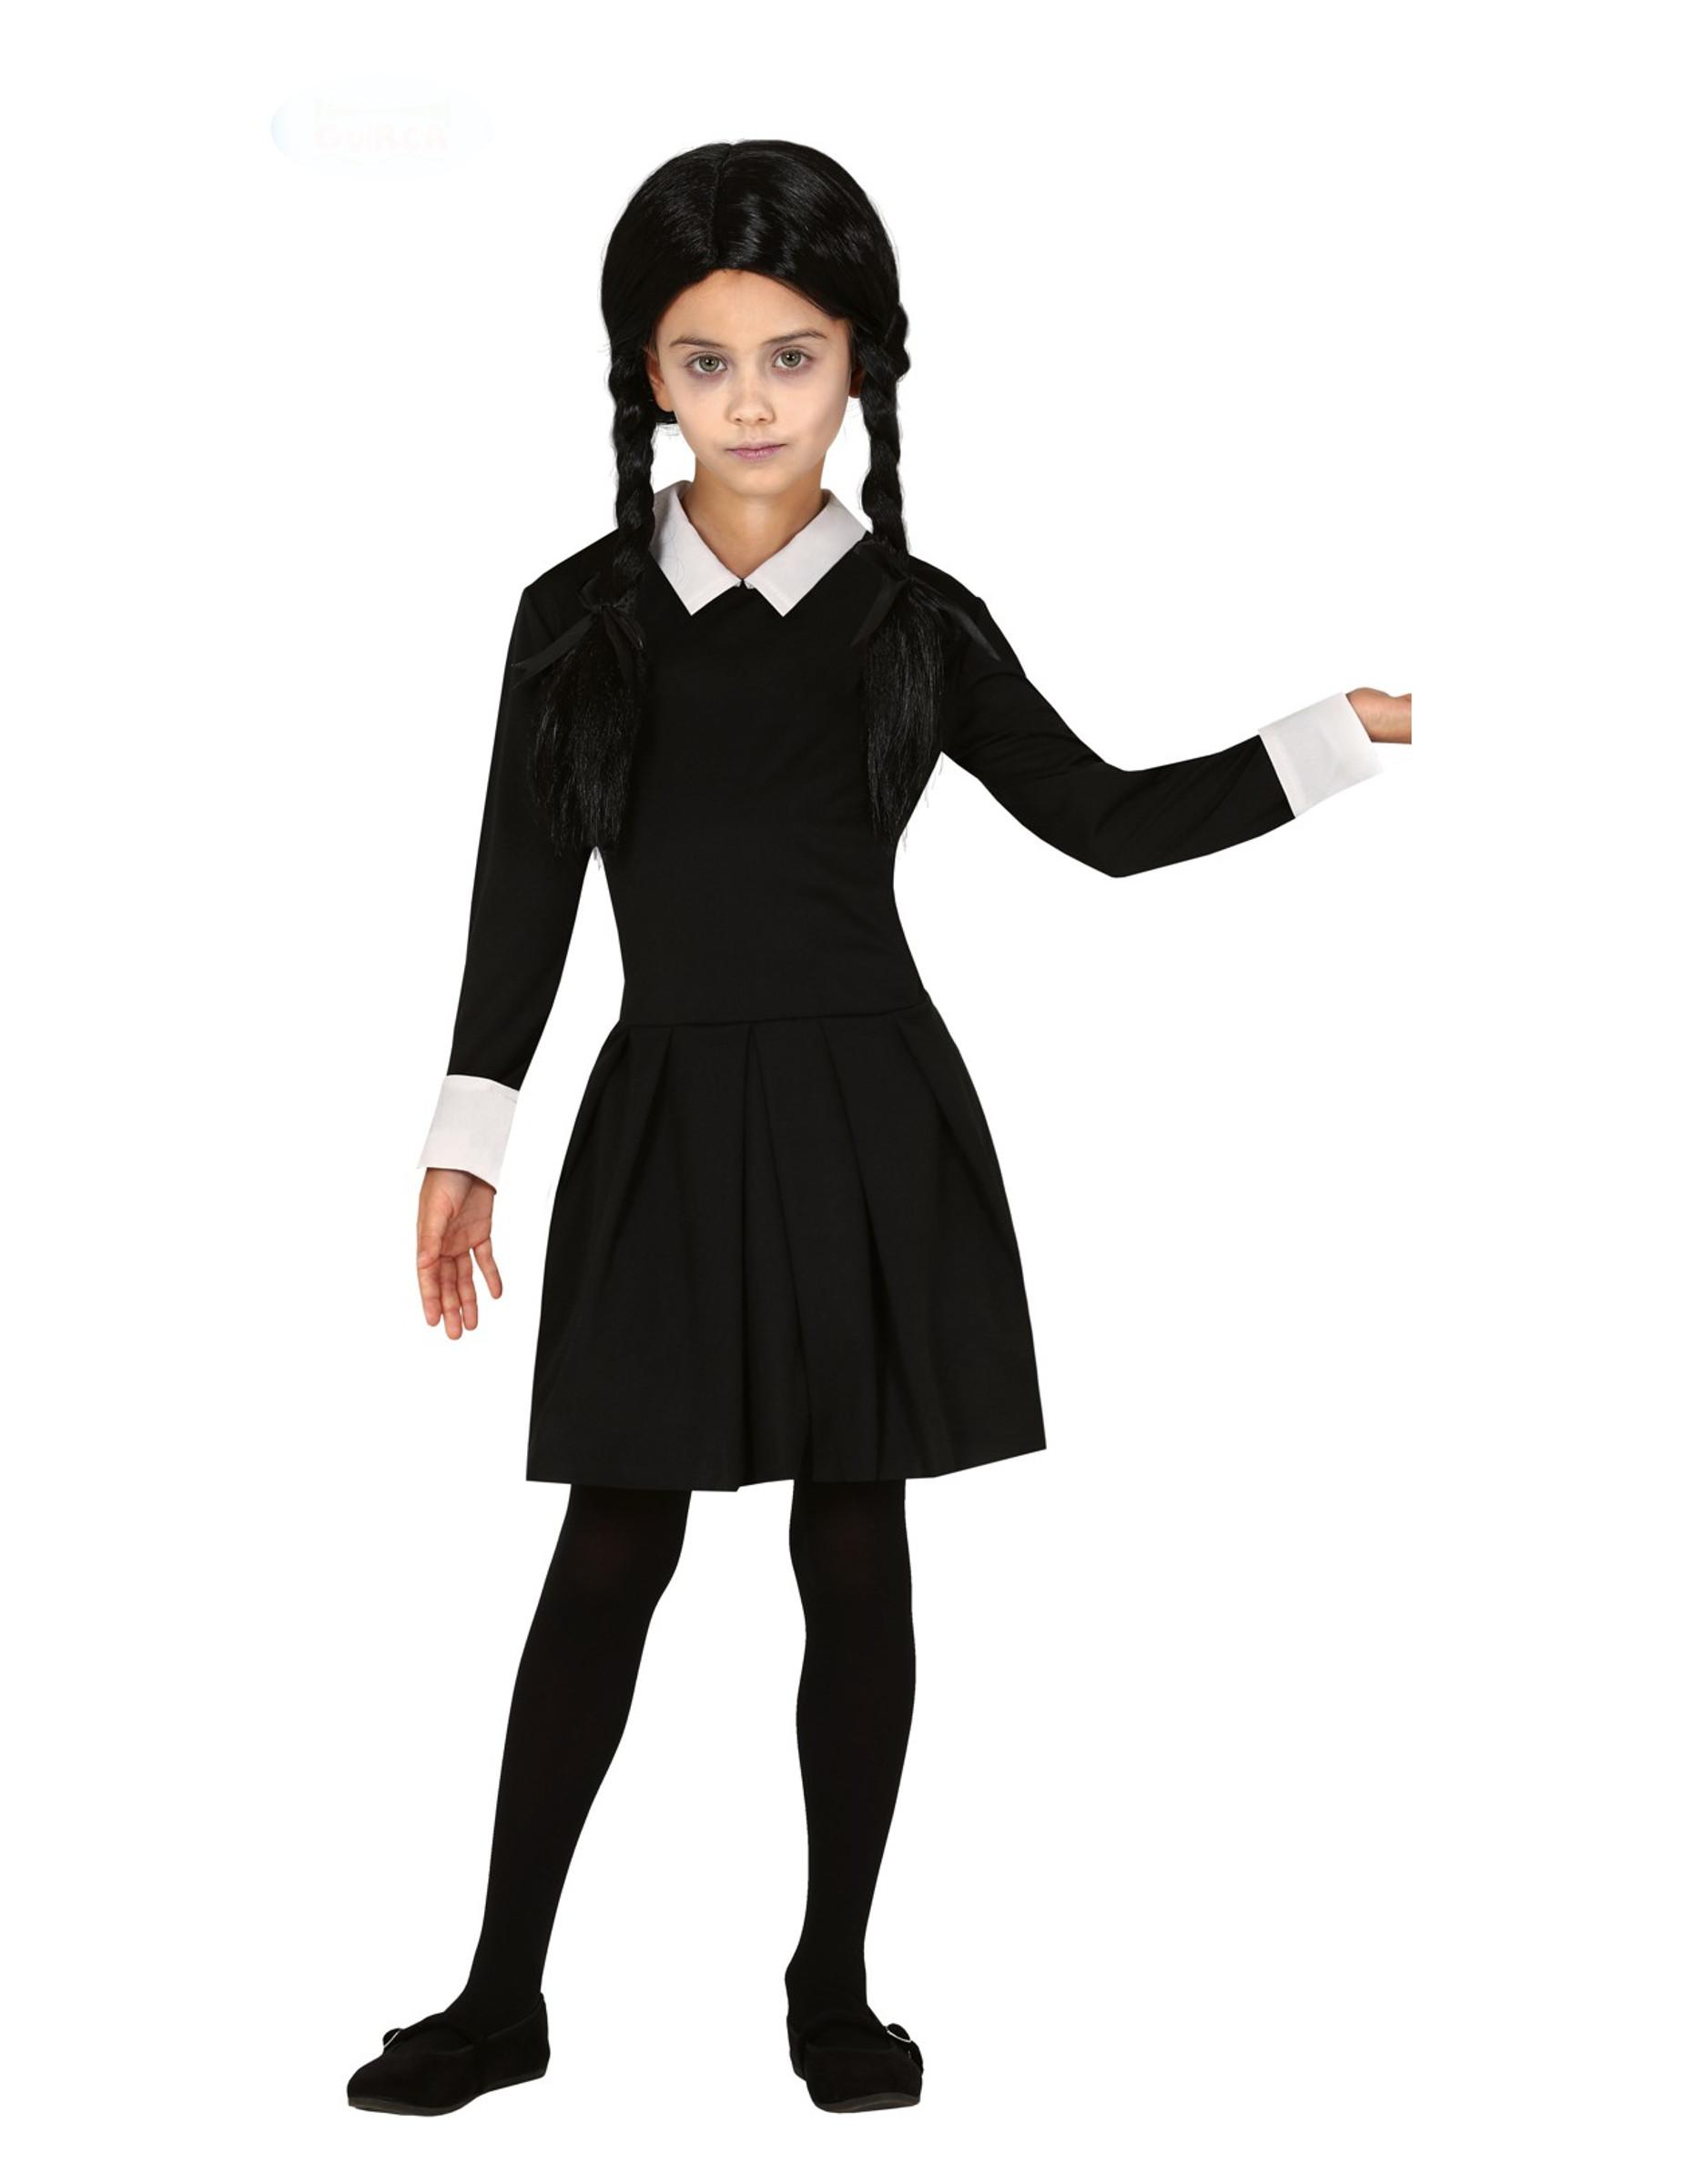 edles gothic-kostüm für kinder mädchenkostüm für halloween